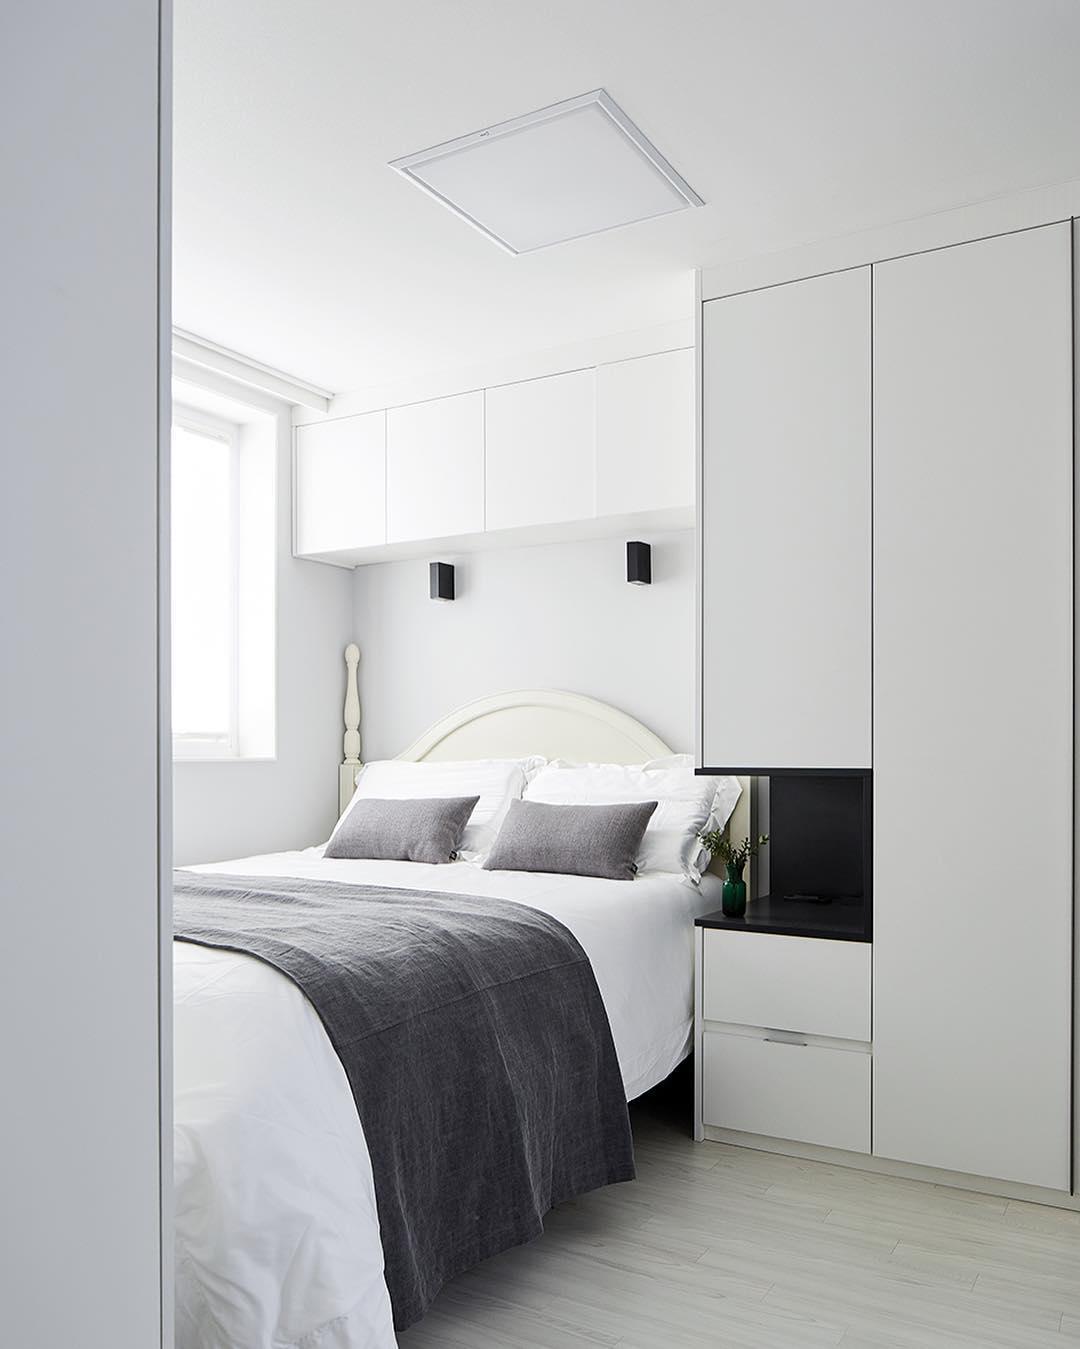 卧室床北欧极简卧室设计图片赏析